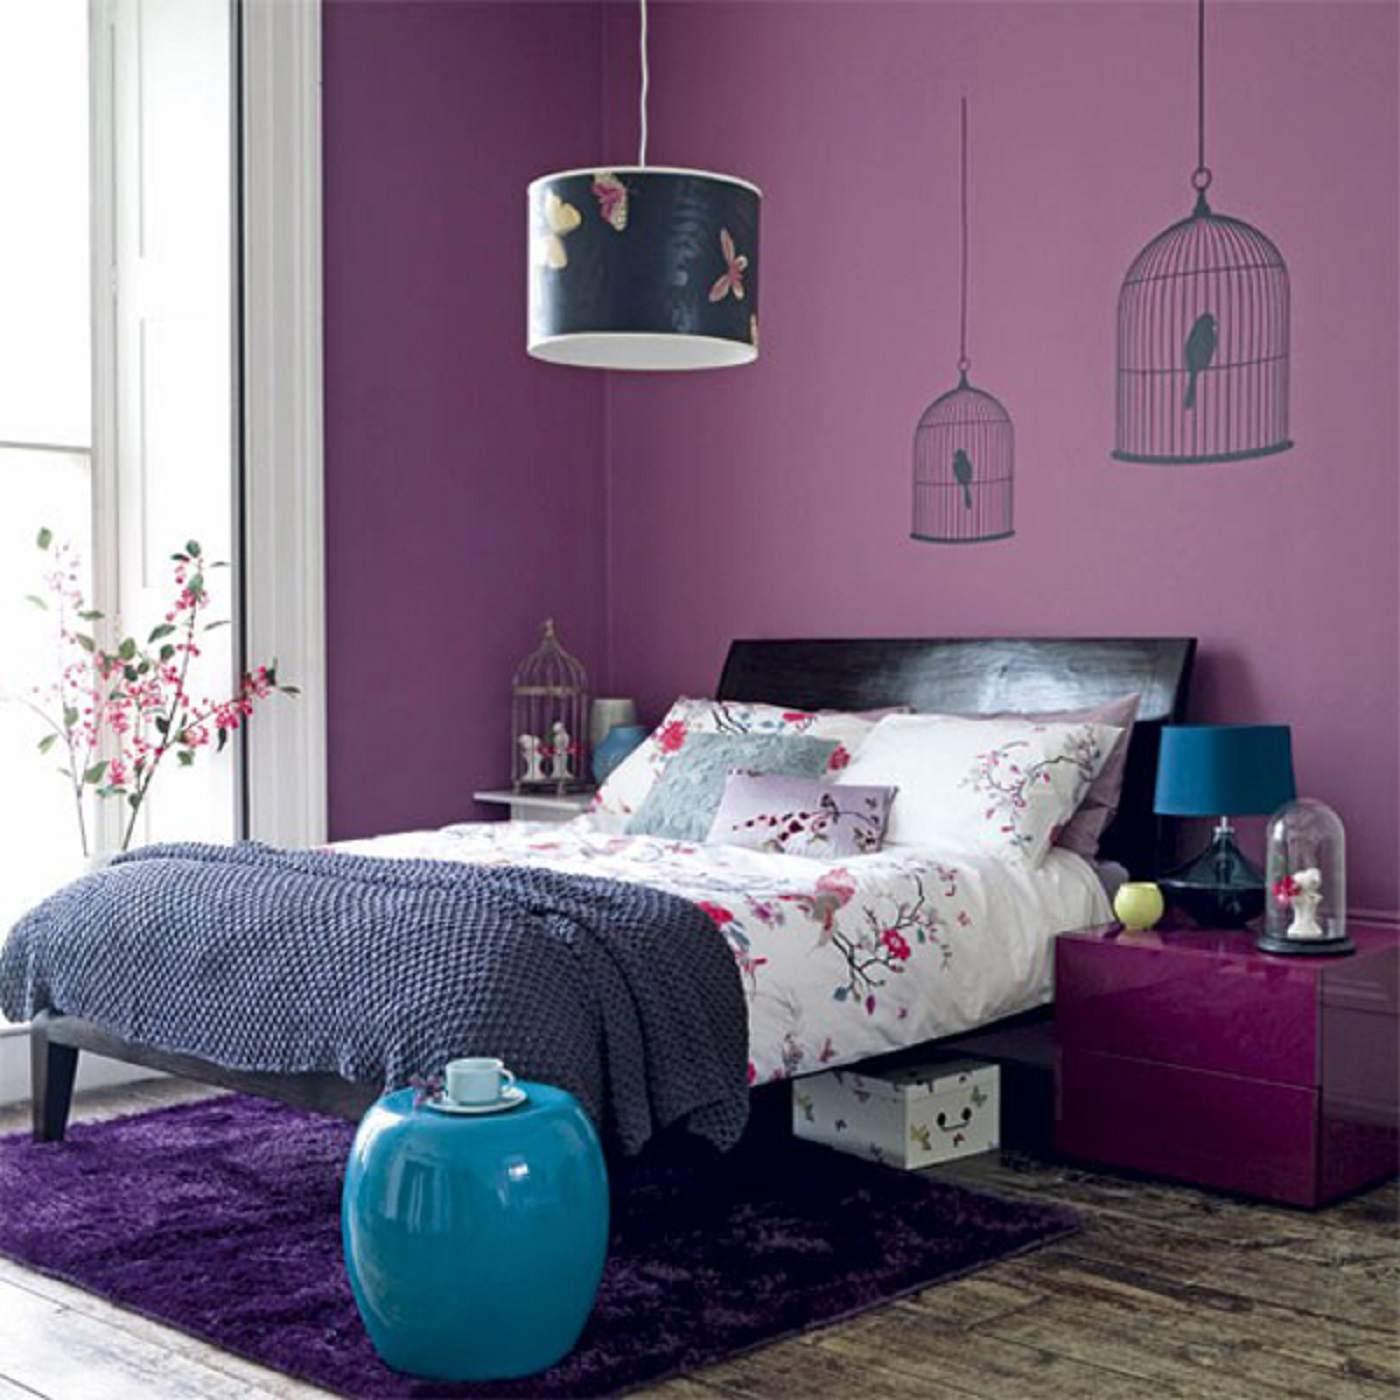 Habitación tranquila de color púrpura